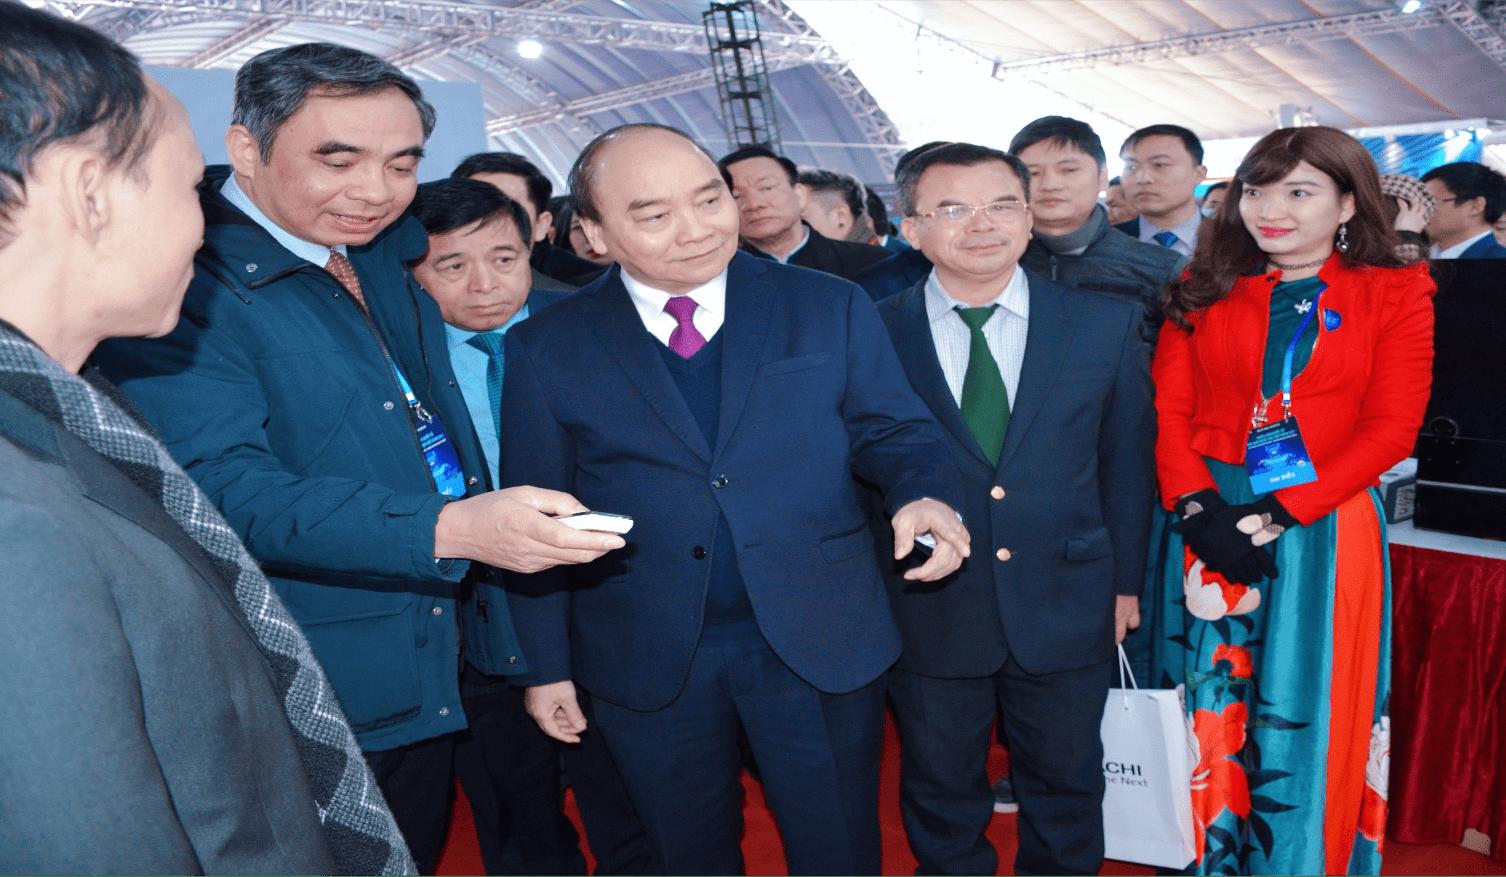 Thủ tướng Chính phủ Nguyễn Xuân Phúc thăm gian trưng bày của Viện Hàn lâm KH&CN Việt Nam và nghe giới thiệu về sản phẩm của Viện Khoa học vật liệu